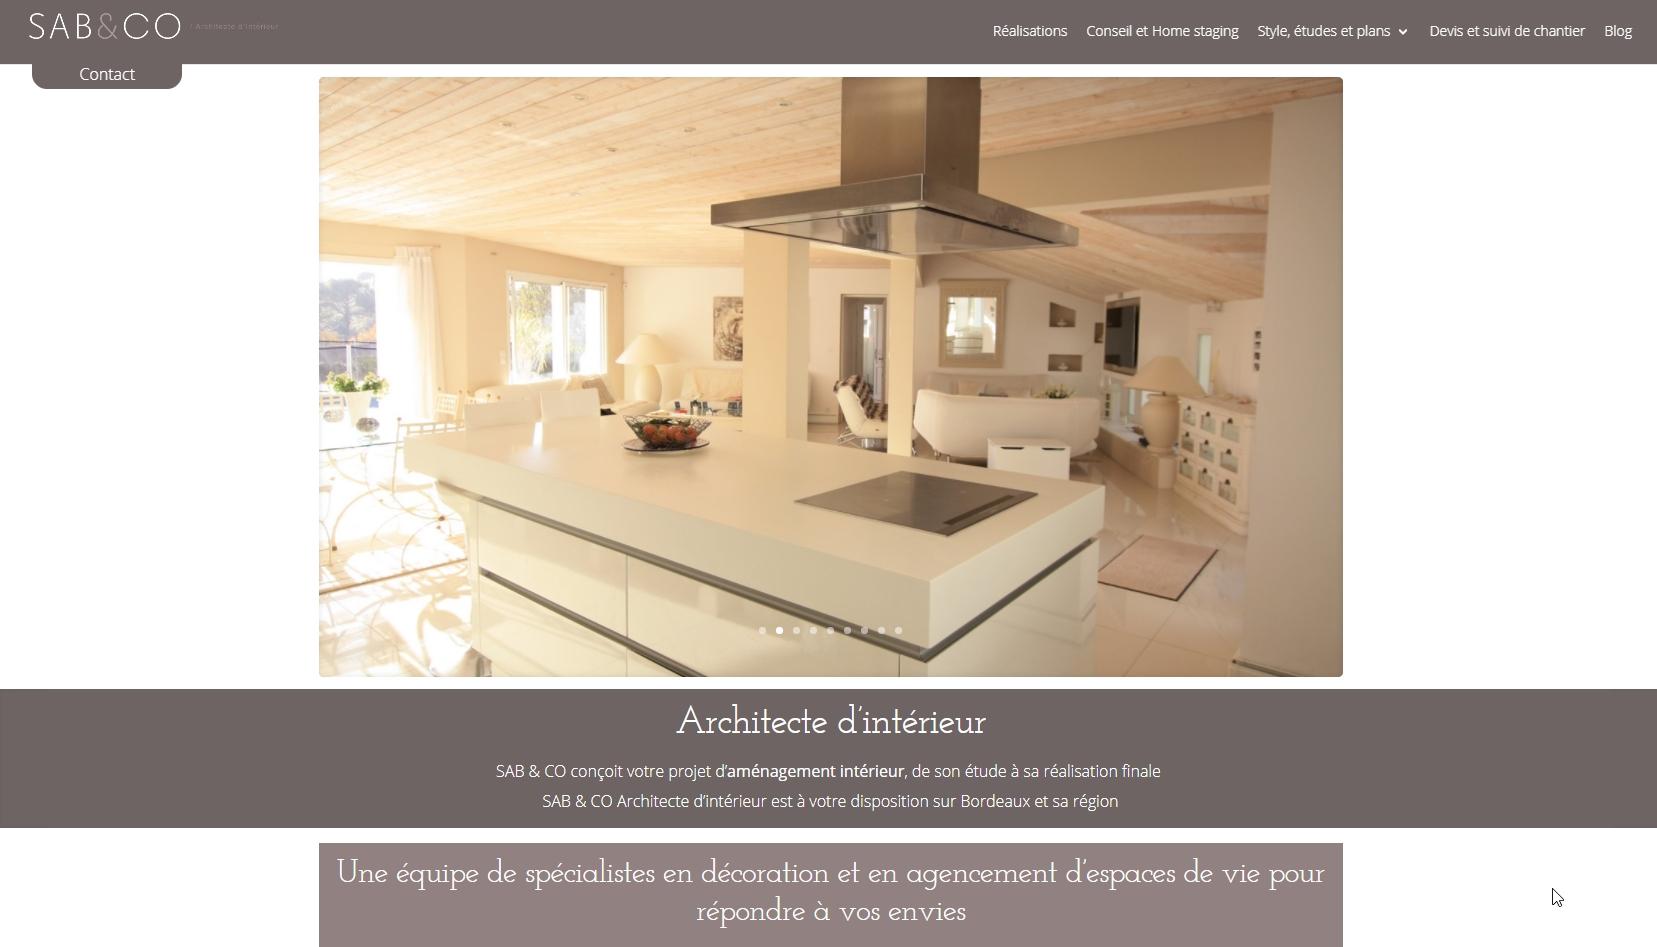 Sab&Co - Architecte d'Intérieur